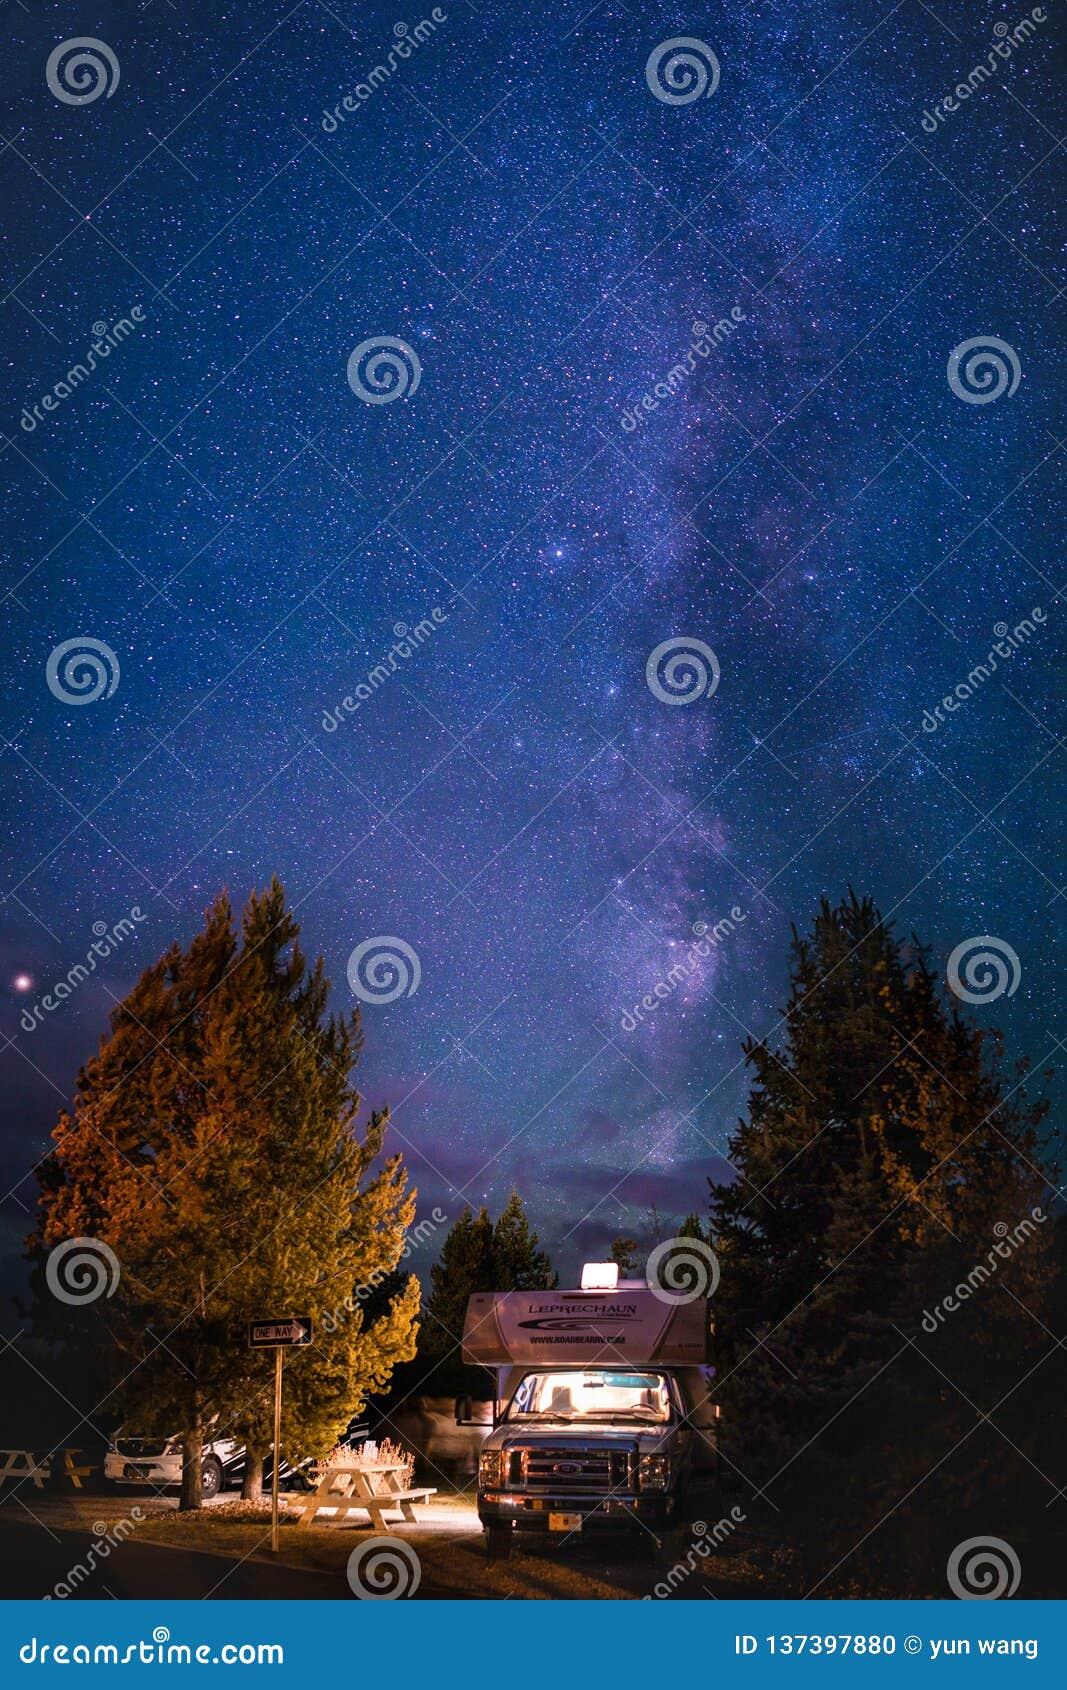 黄石公园RV阵营星系